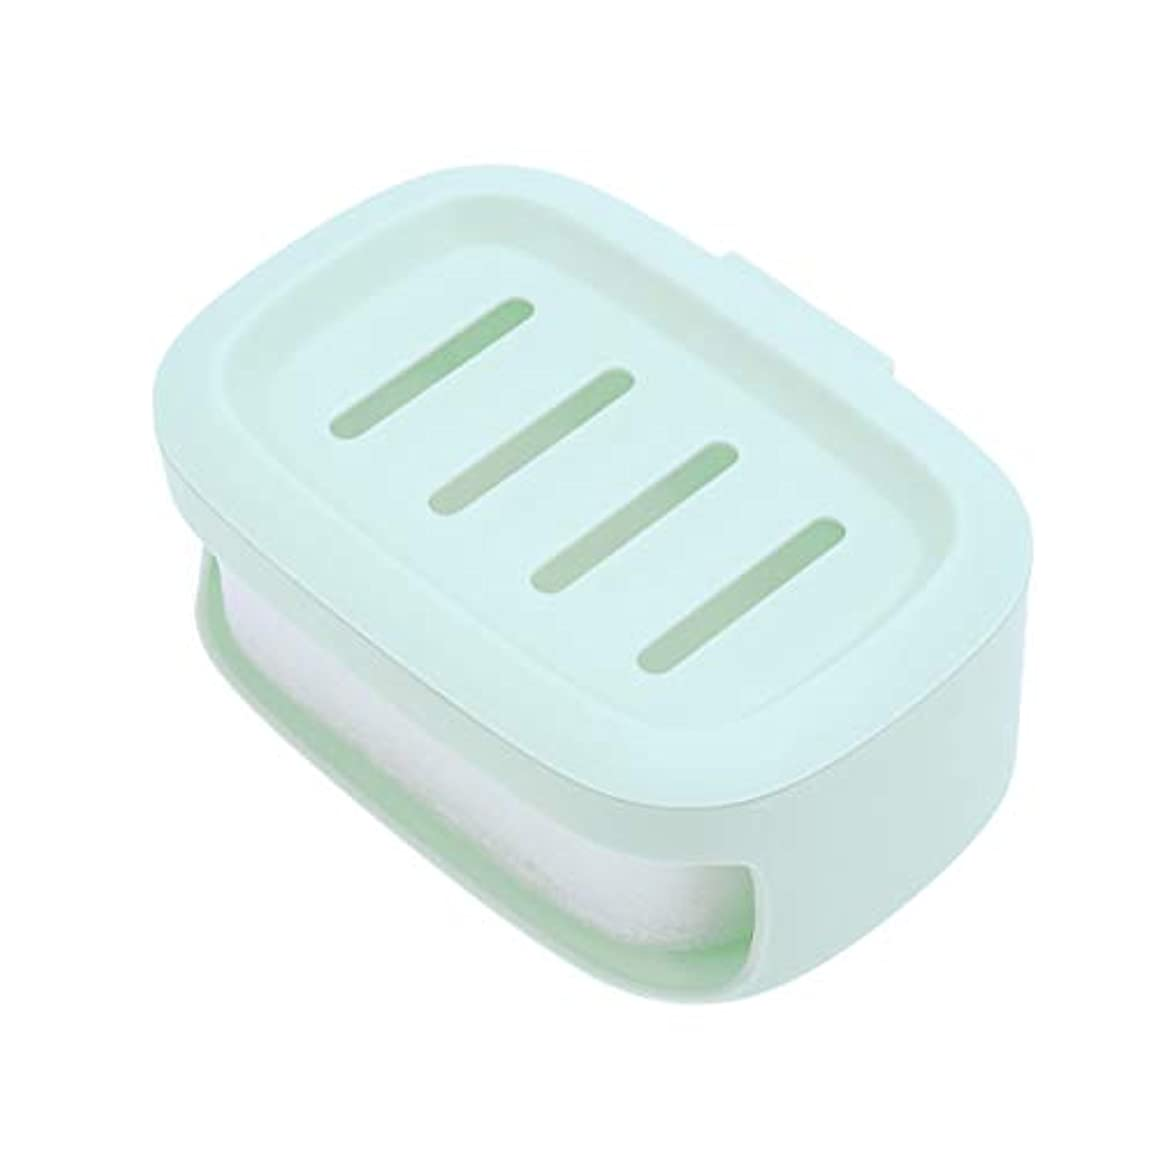 流体アレンジハーネスHEALIFTY ソープボックス防水ソープコンテナバスルームソープ収納ケースソープホルダー(グリーン)